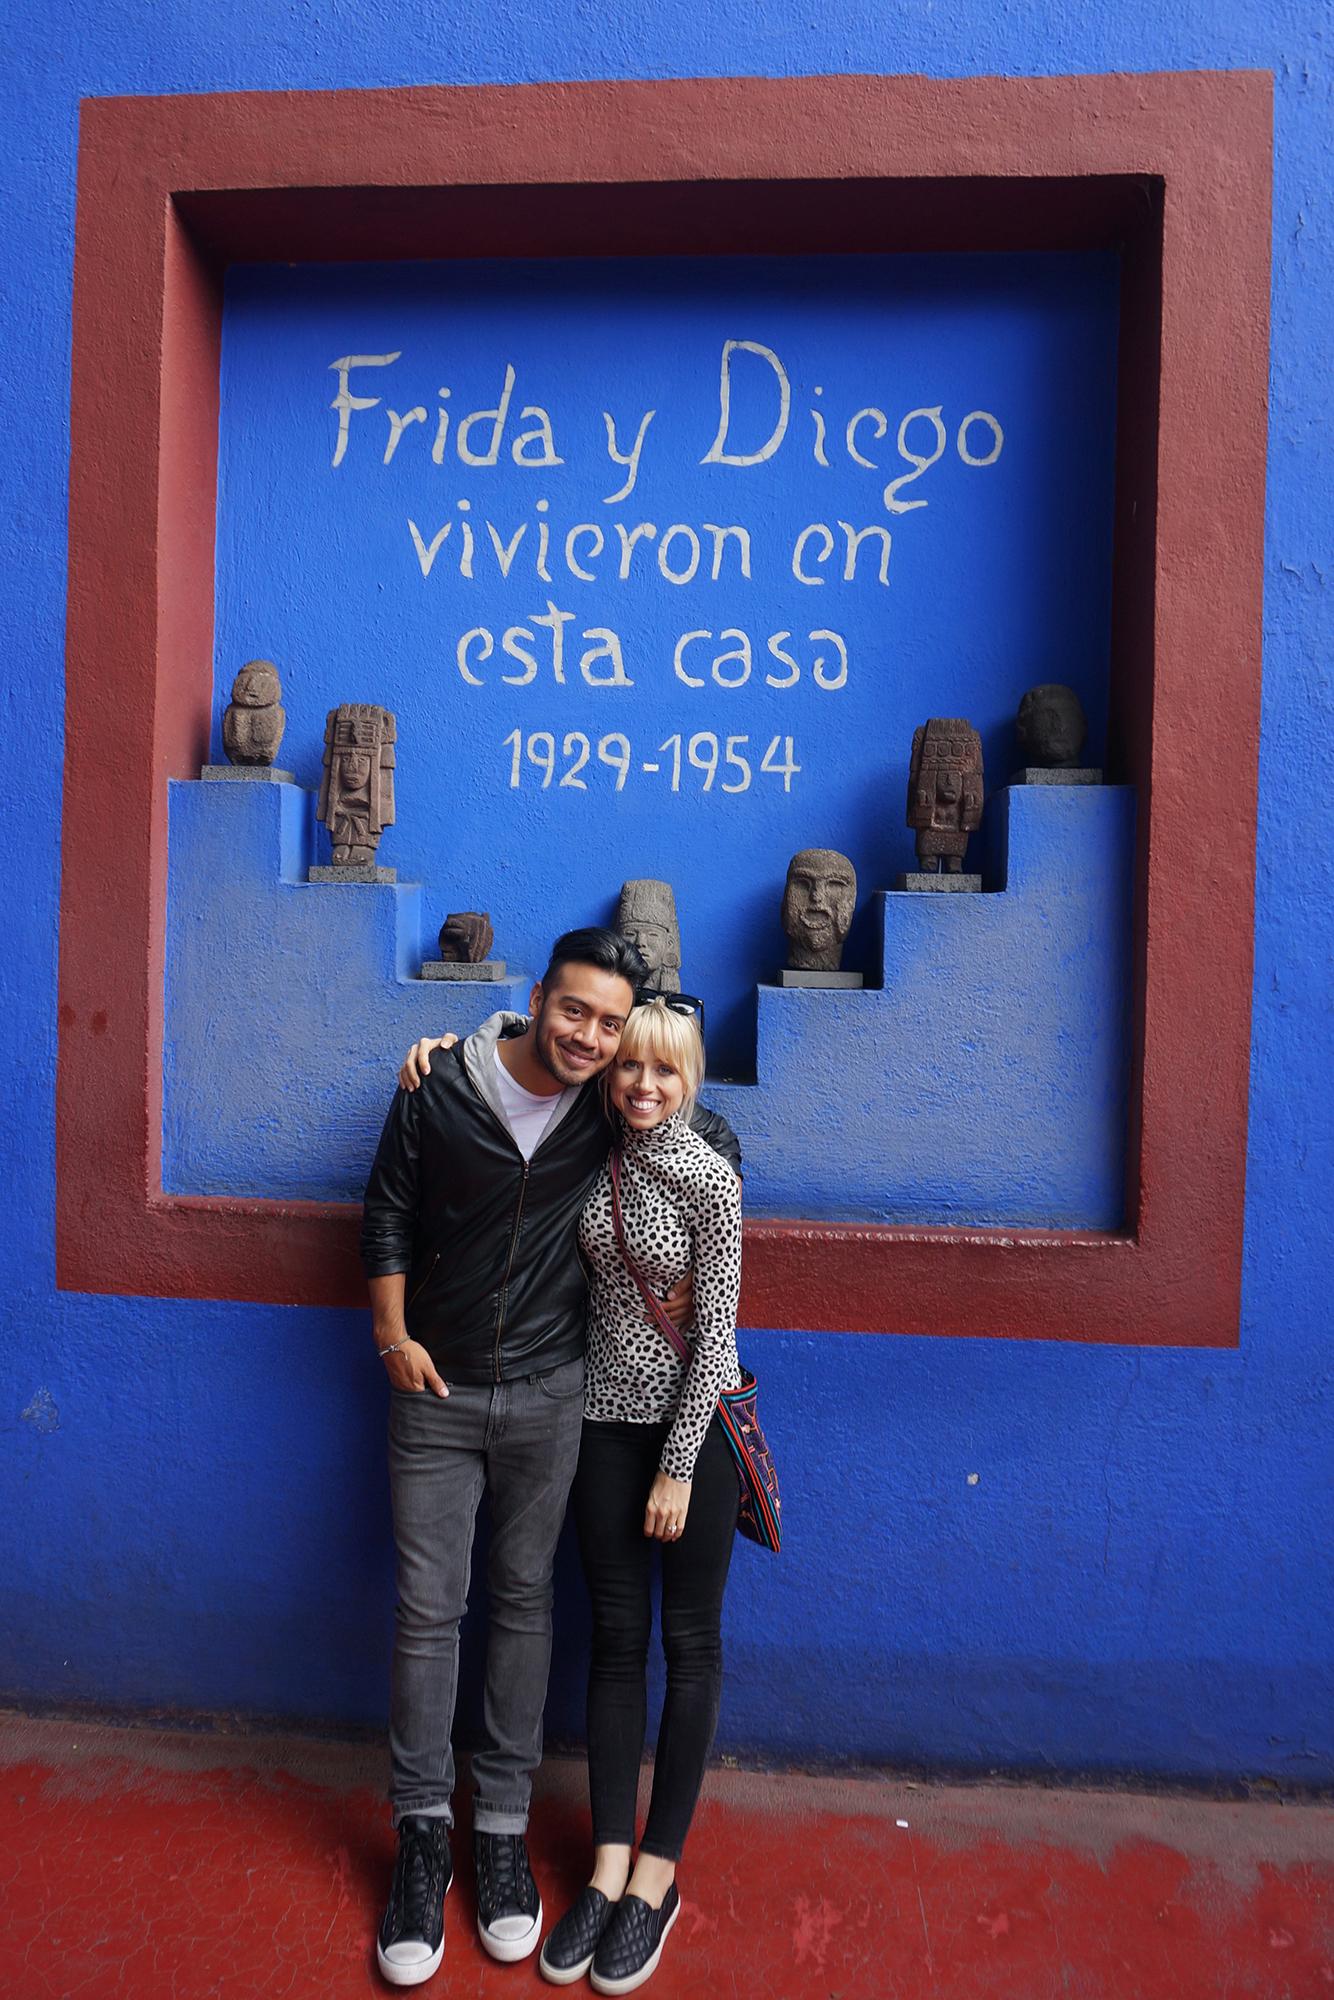 Frida y Diego vivieron en esta casa